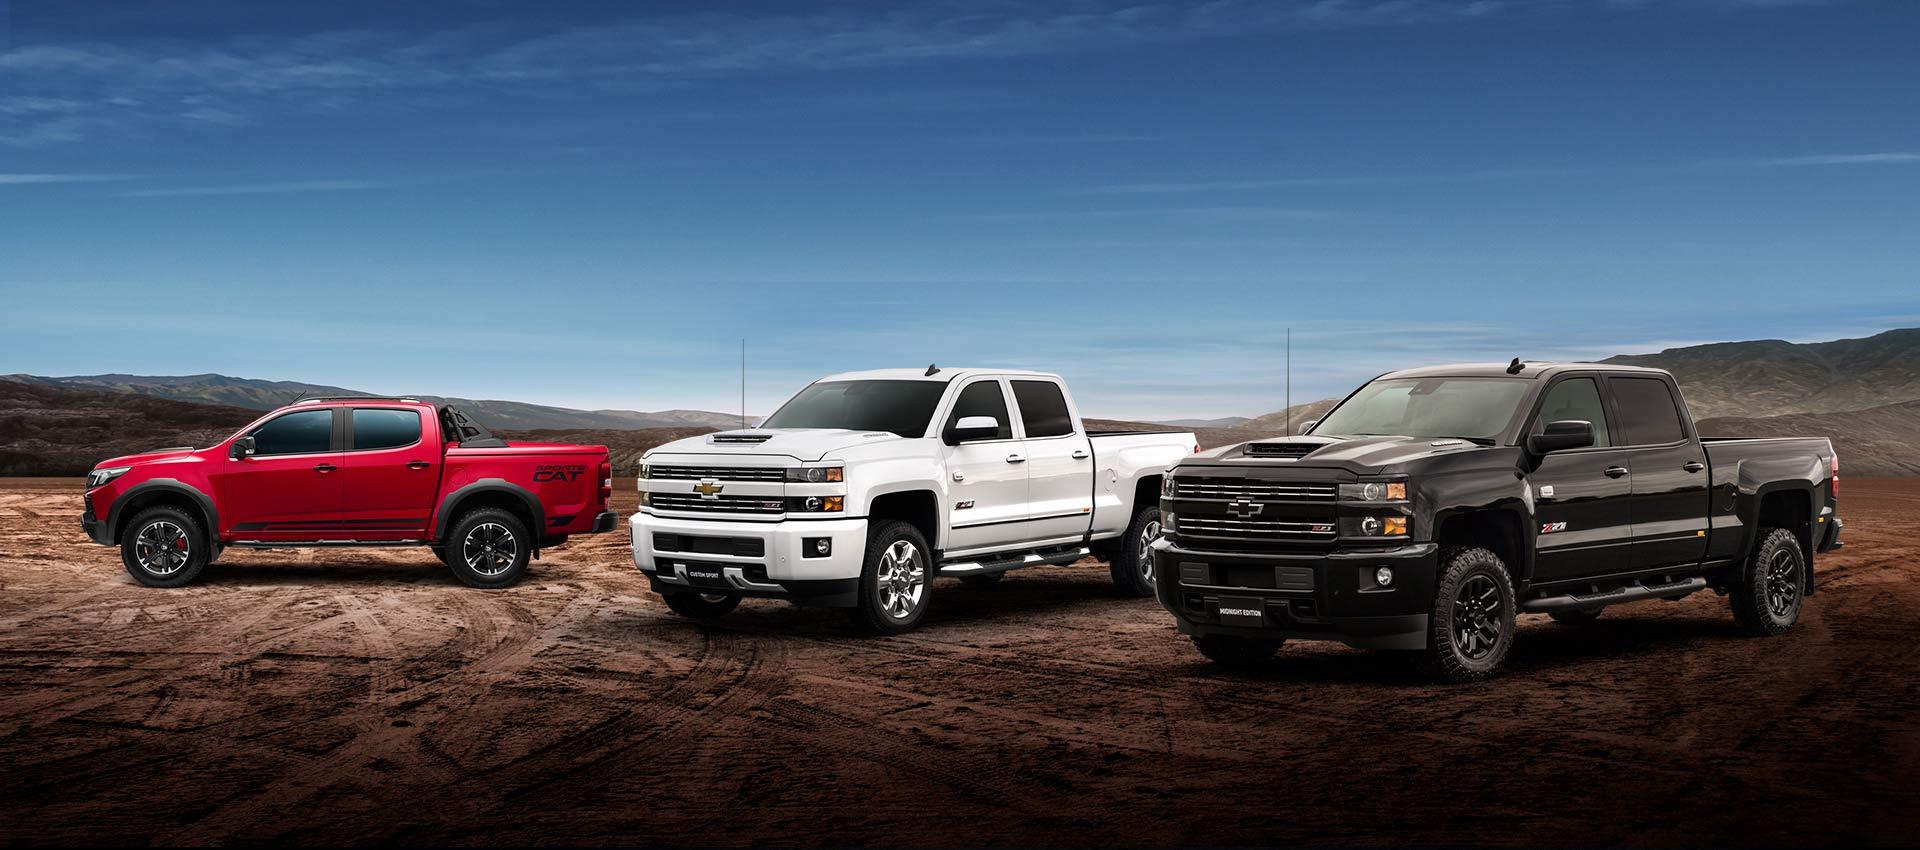 HSV Trucks